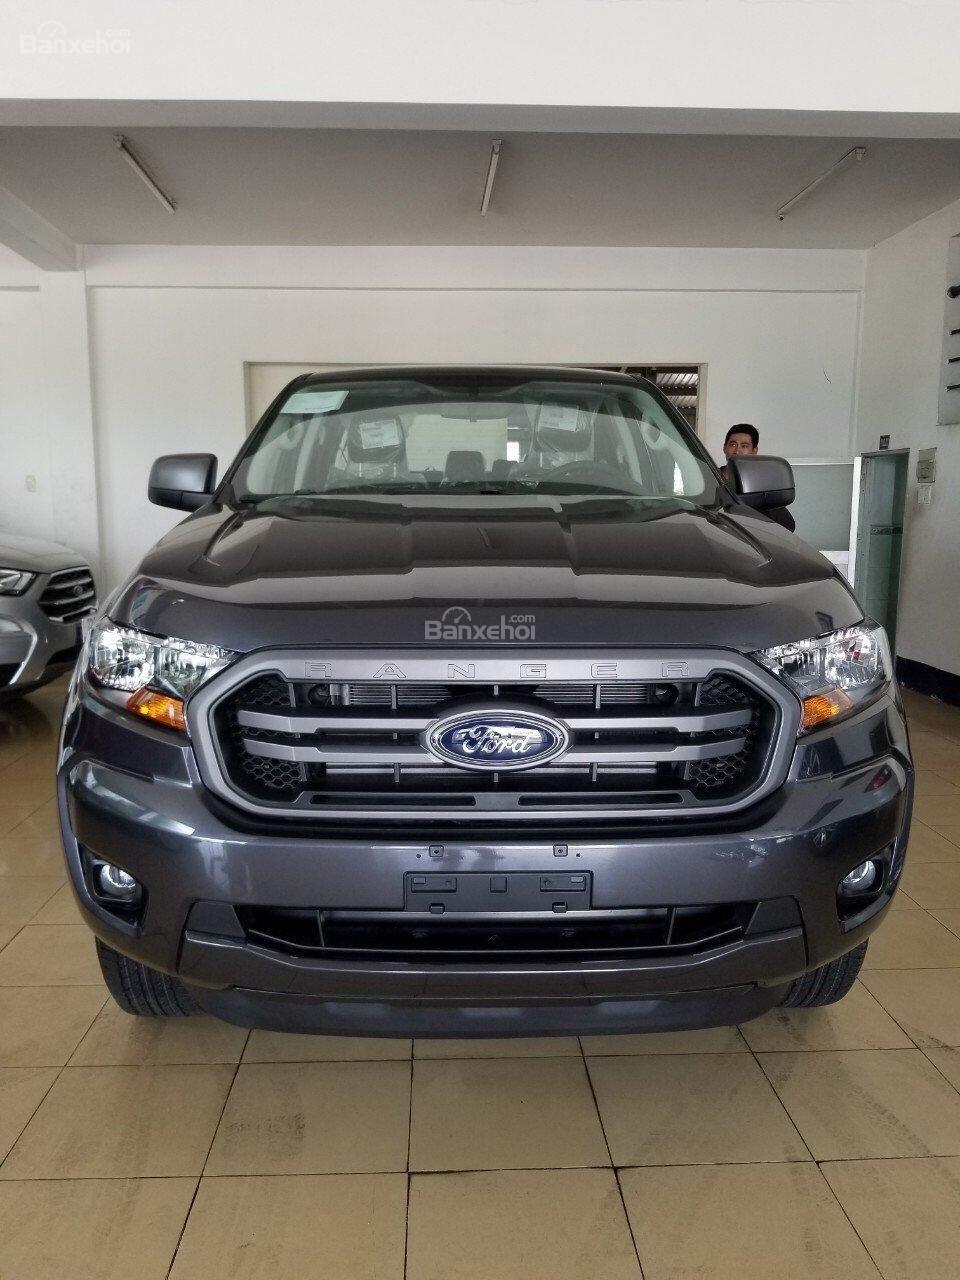 Bán Ford Ranger XLS 2.2L 4x2 AT màu xám - 620 triệu, xe giao ngay, KM phụ kiện chính hãng (2)